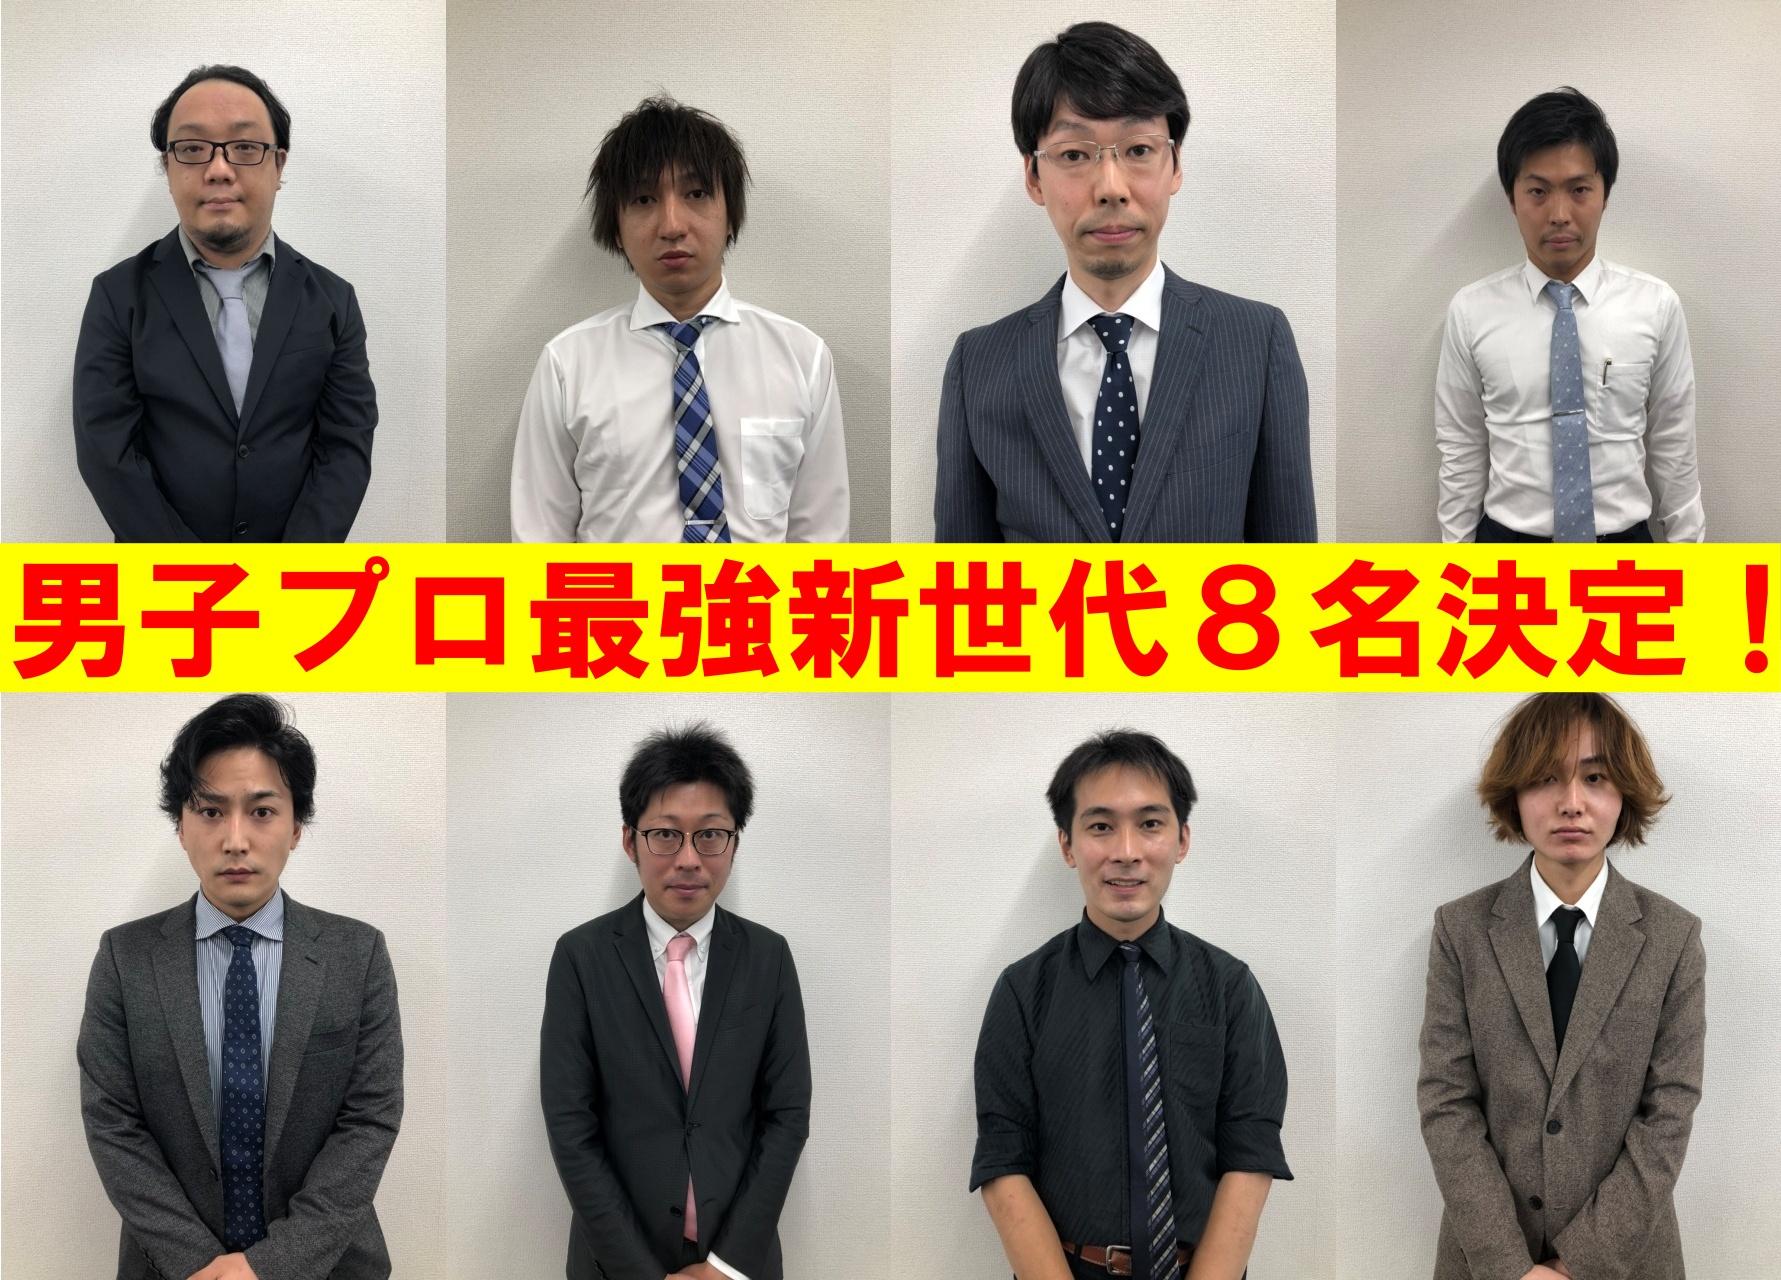 男子プロ8名